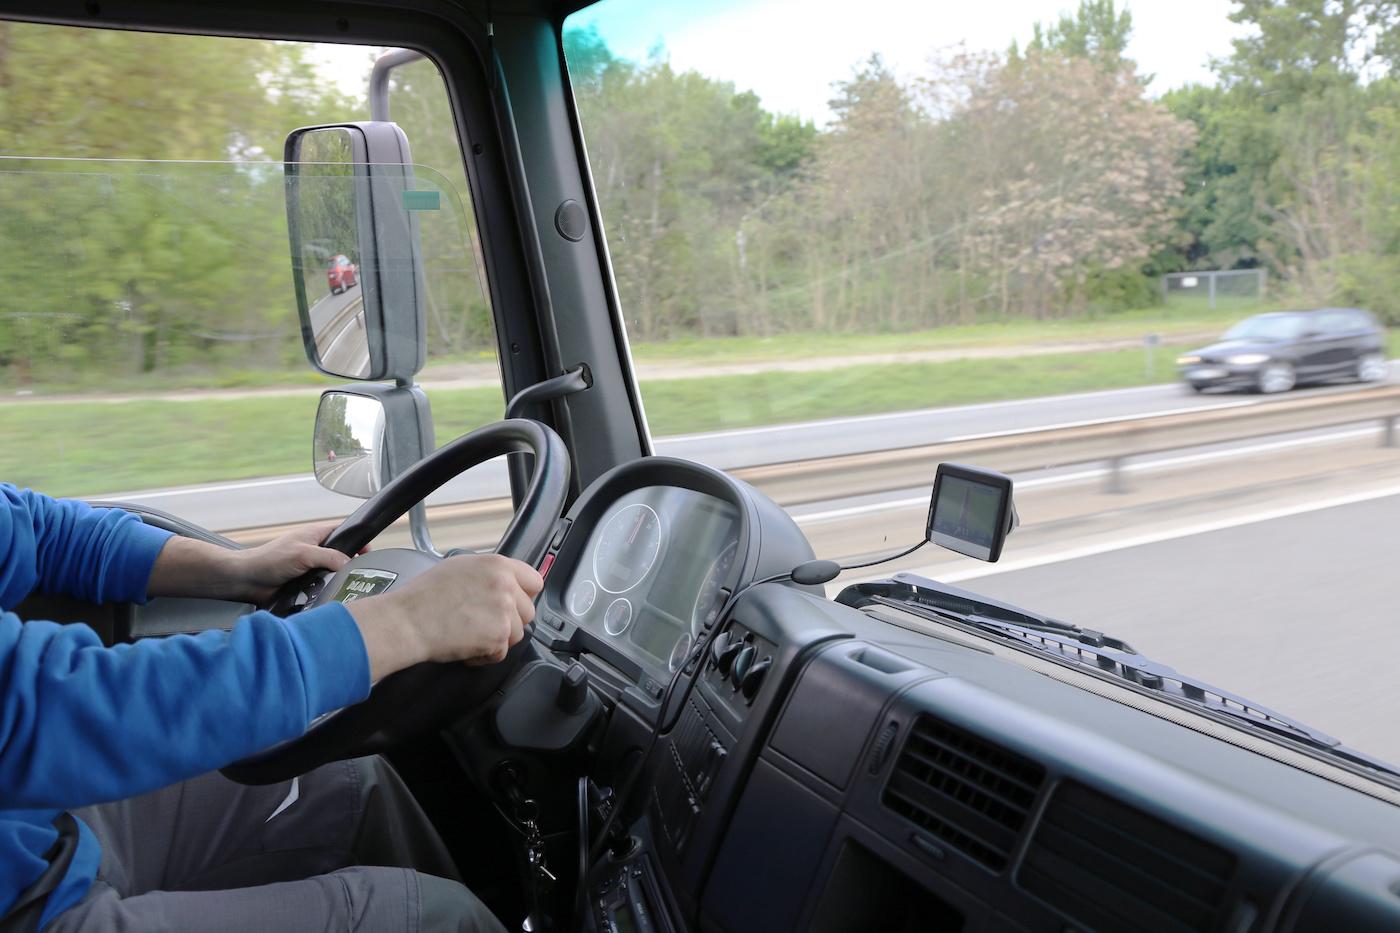 truck-driver-eld-mandate